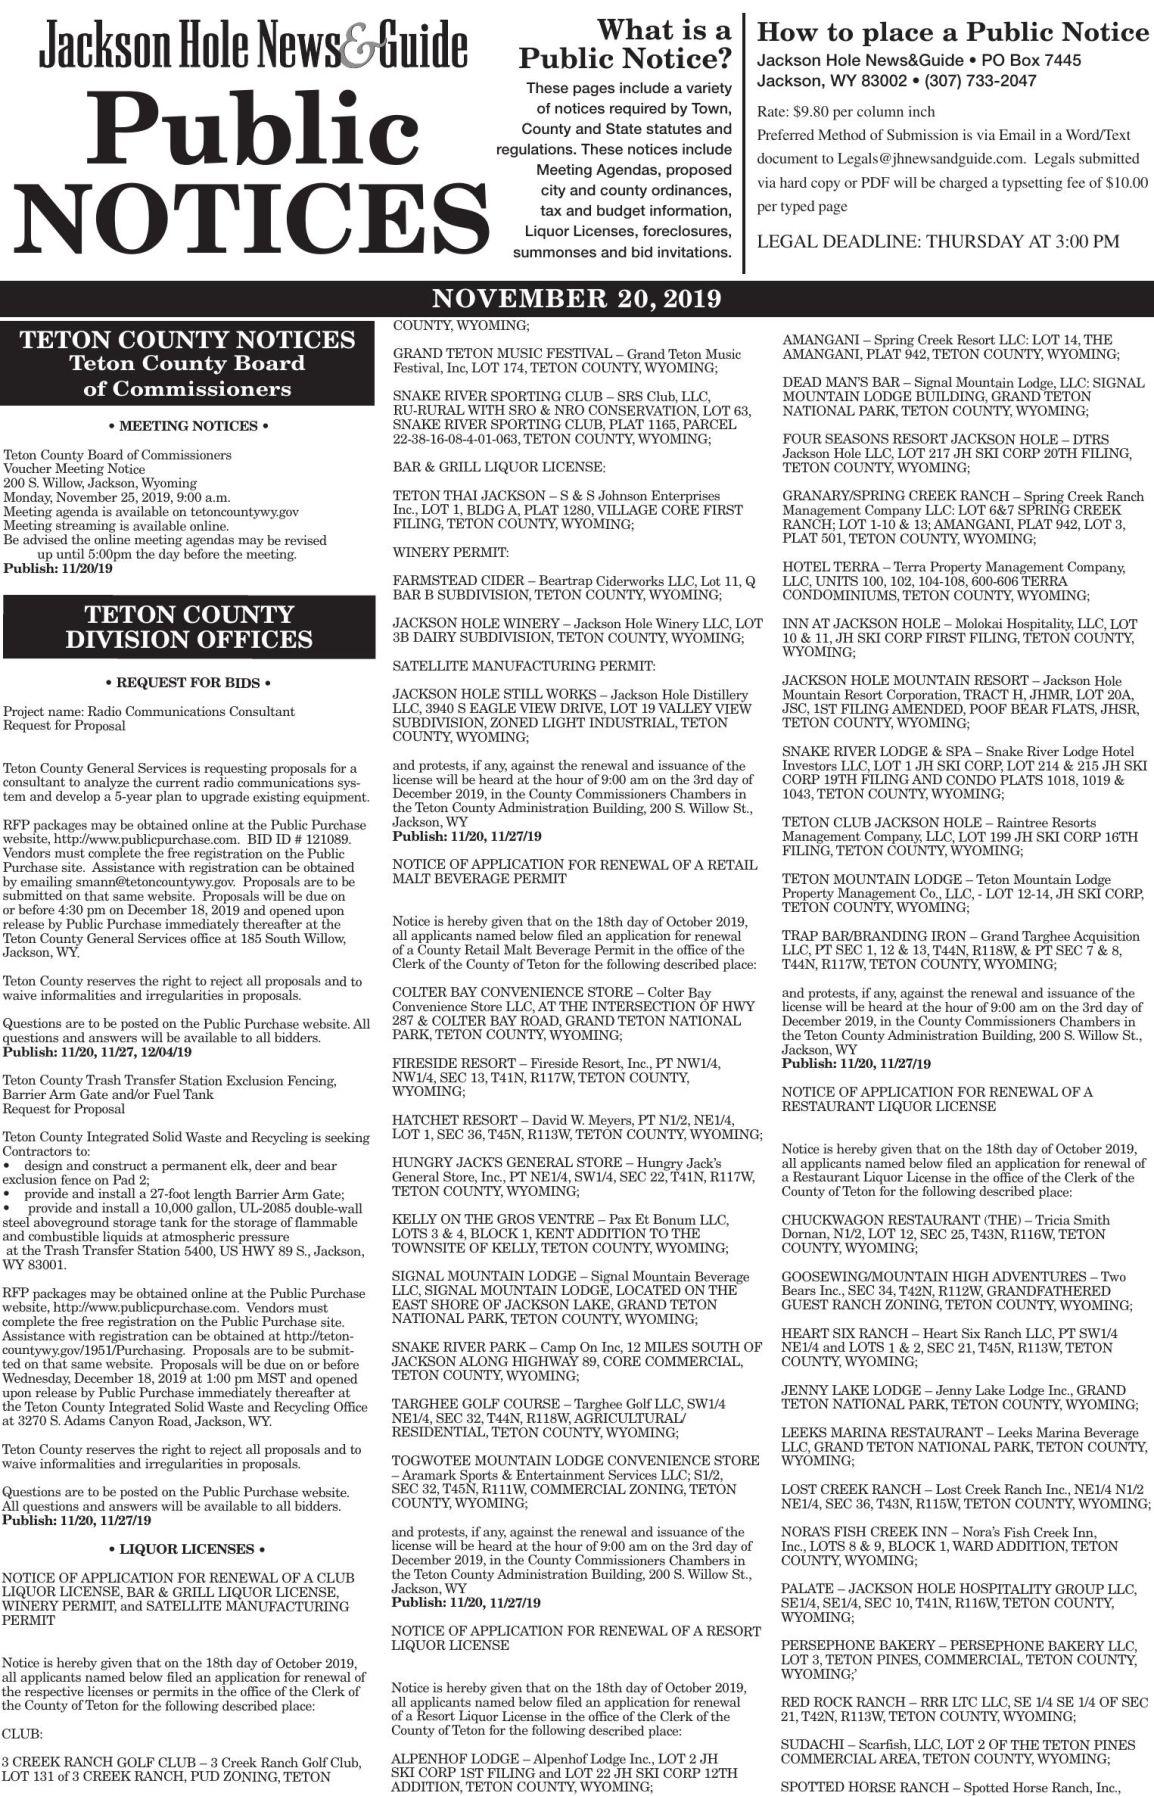 Public Notices, November 20, 2019